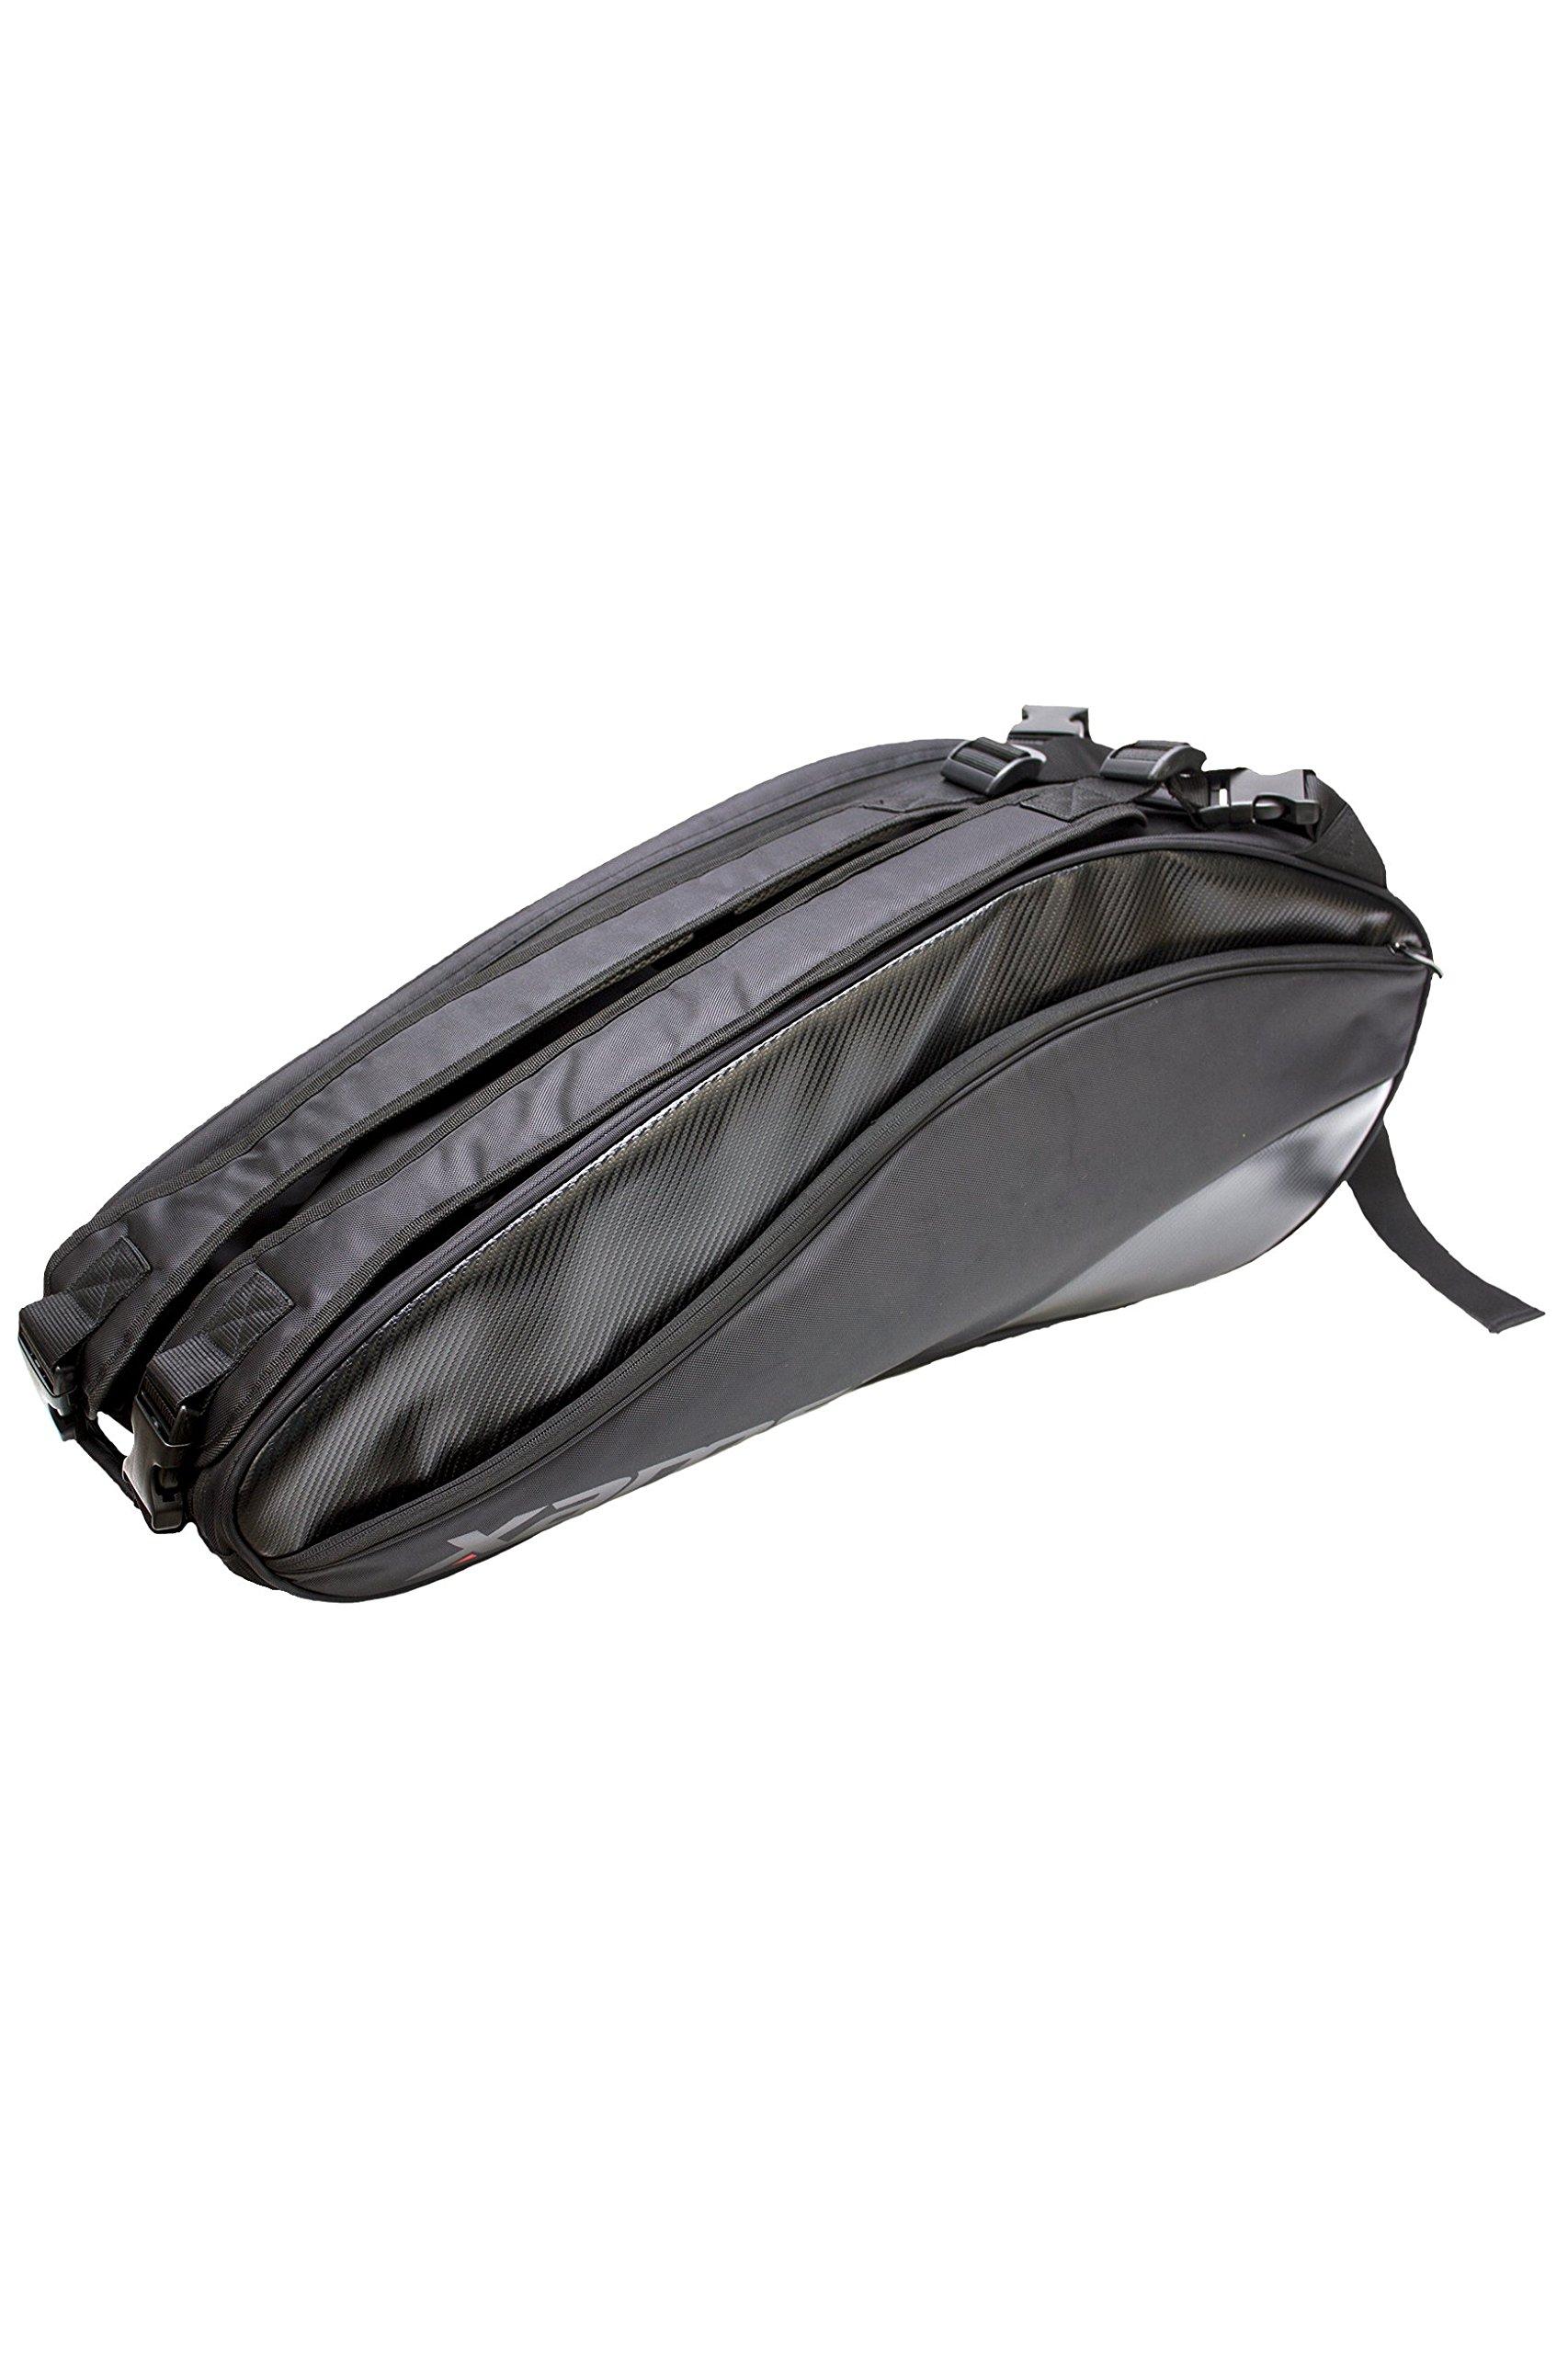 Xamsa Incognito 6R Racquet Bag